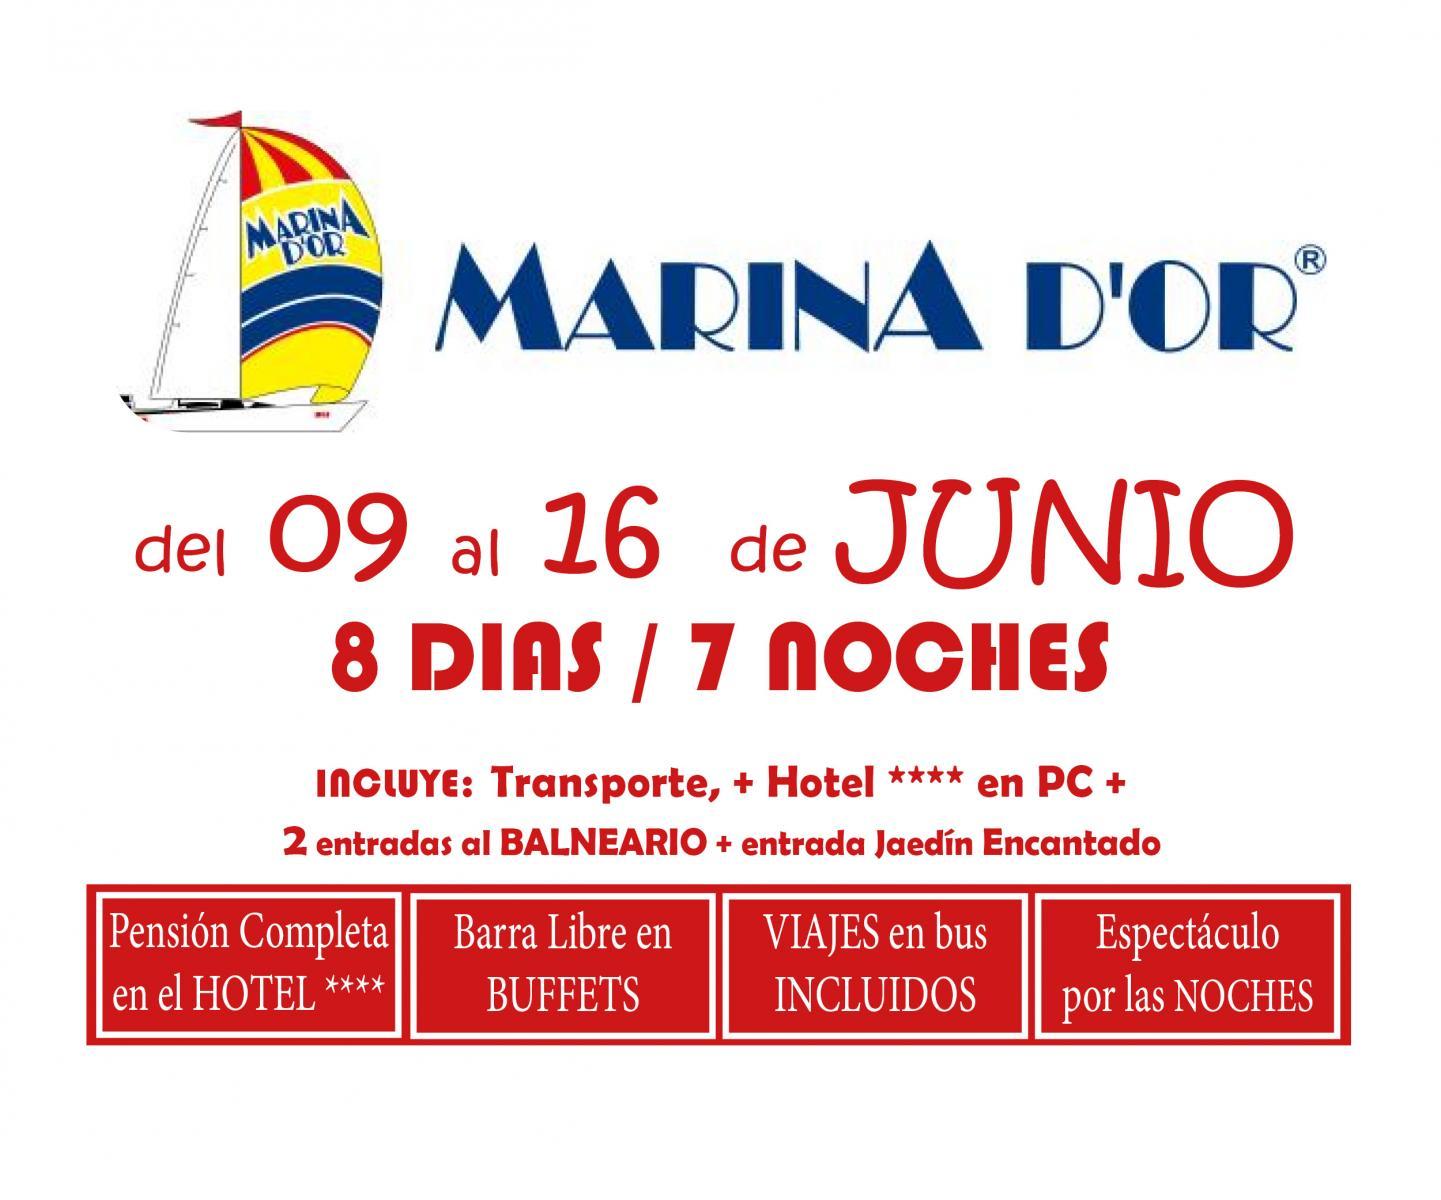 MARINA D`OR # HOTEL 4**** (del 09 al 16 de junio) # 8 días/7 noches en PC buffet+ bebida